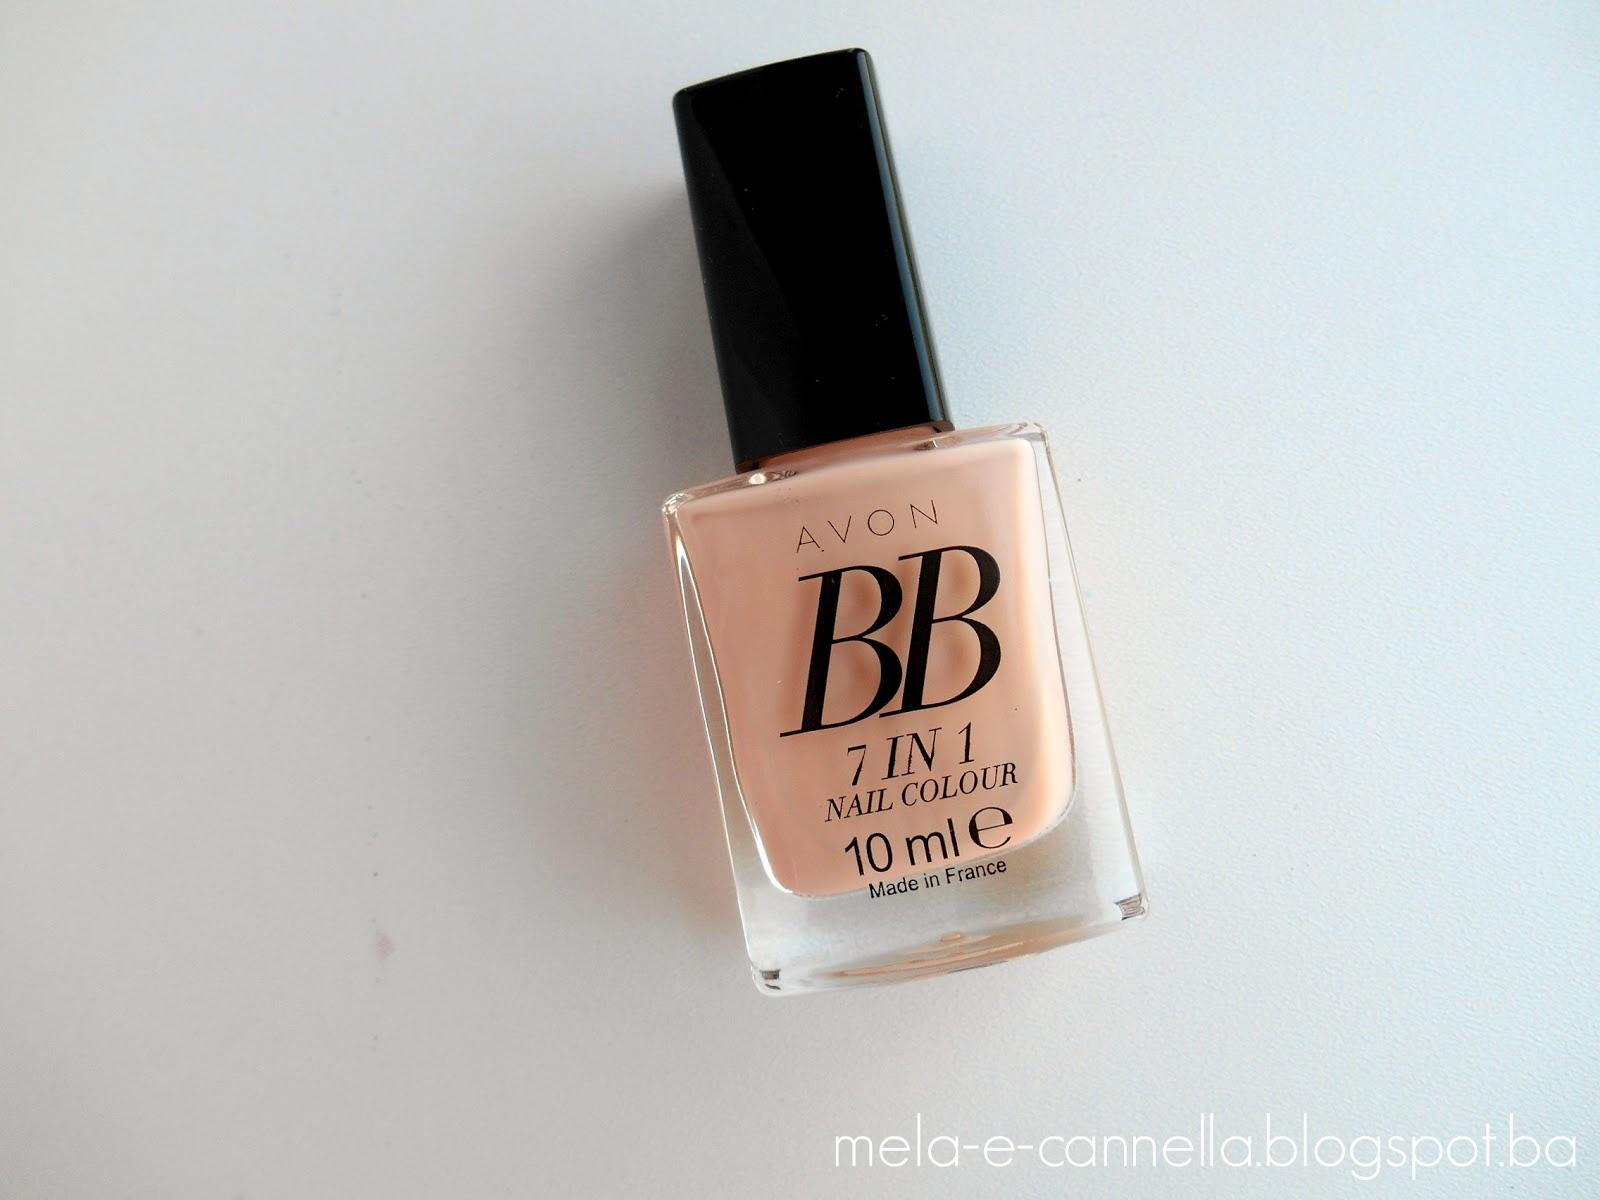 avon bb 7 in 1 nail colour